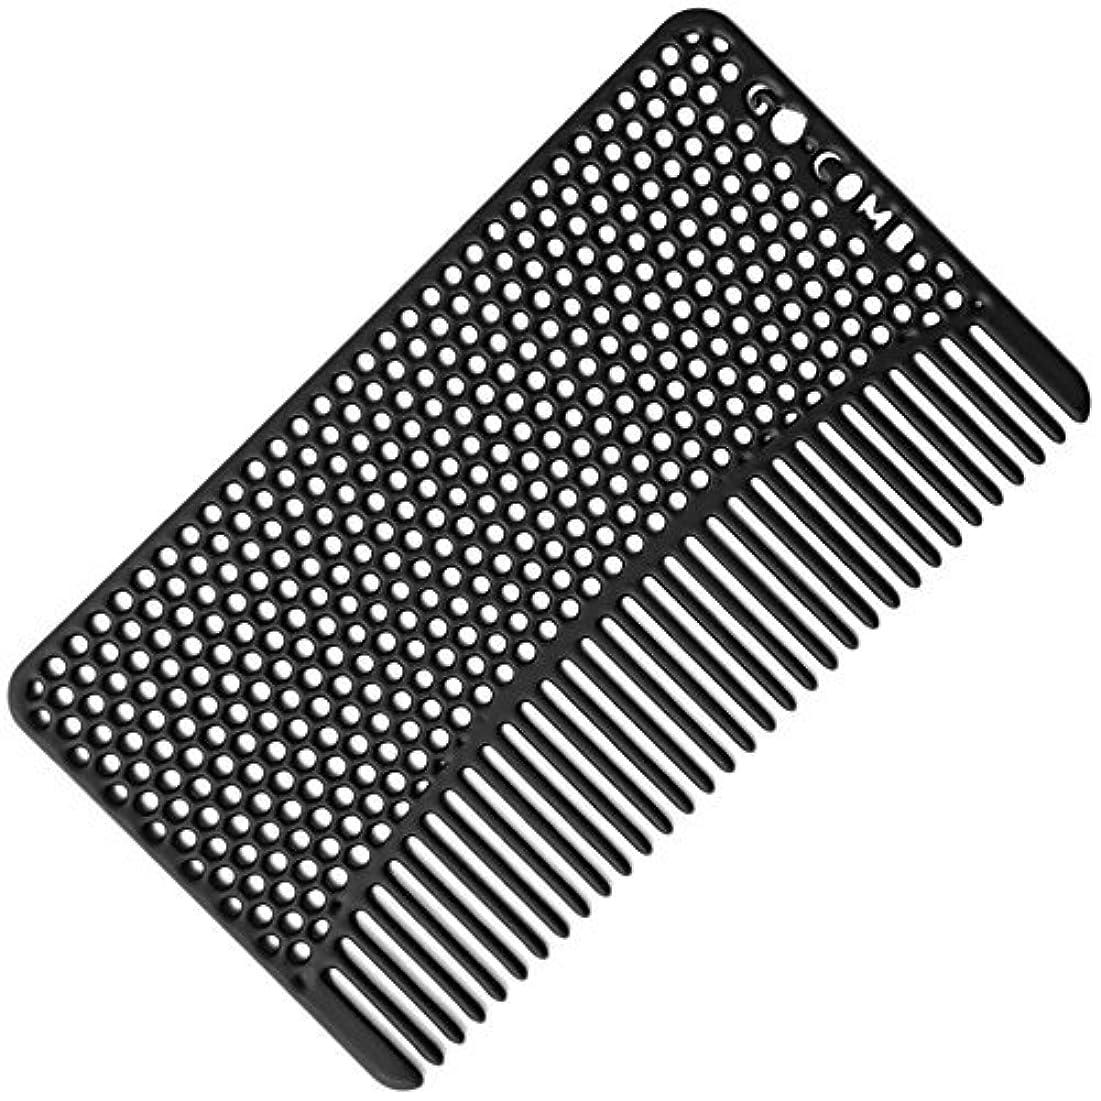 繁栄気を散らす印象派Go-Comb - Wallet Comb - Sleek, Durable Stainless Steel Hair and Beard Comb - Black [並行輸入品]